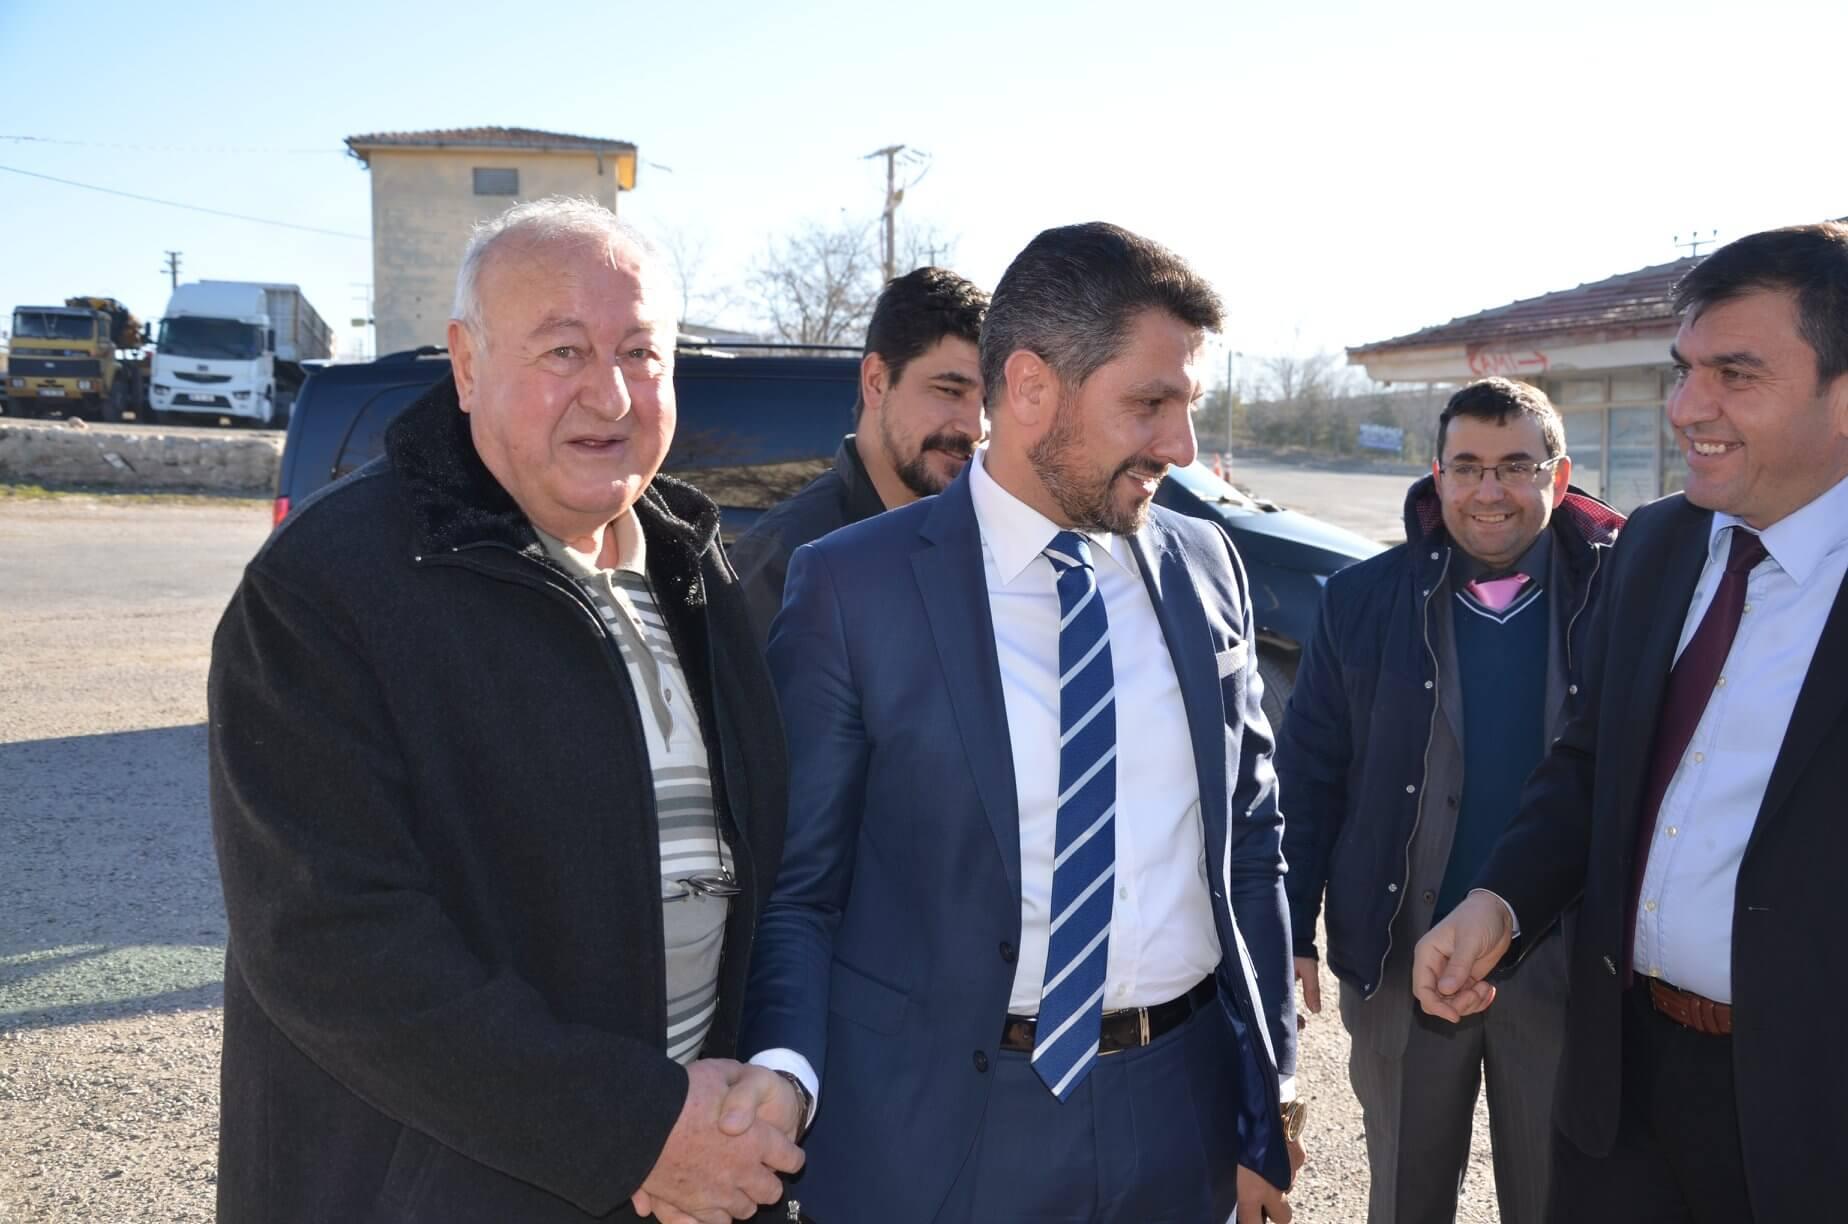 Sivrihisar Belediye Başkanımız Hamid Yüzügüllü Sivrihisar Demirciler, Bakırcılar ve Arabacılar Esnaf ve Sanatkarlar Odası olağan genel kurul toplantısına katıldı.